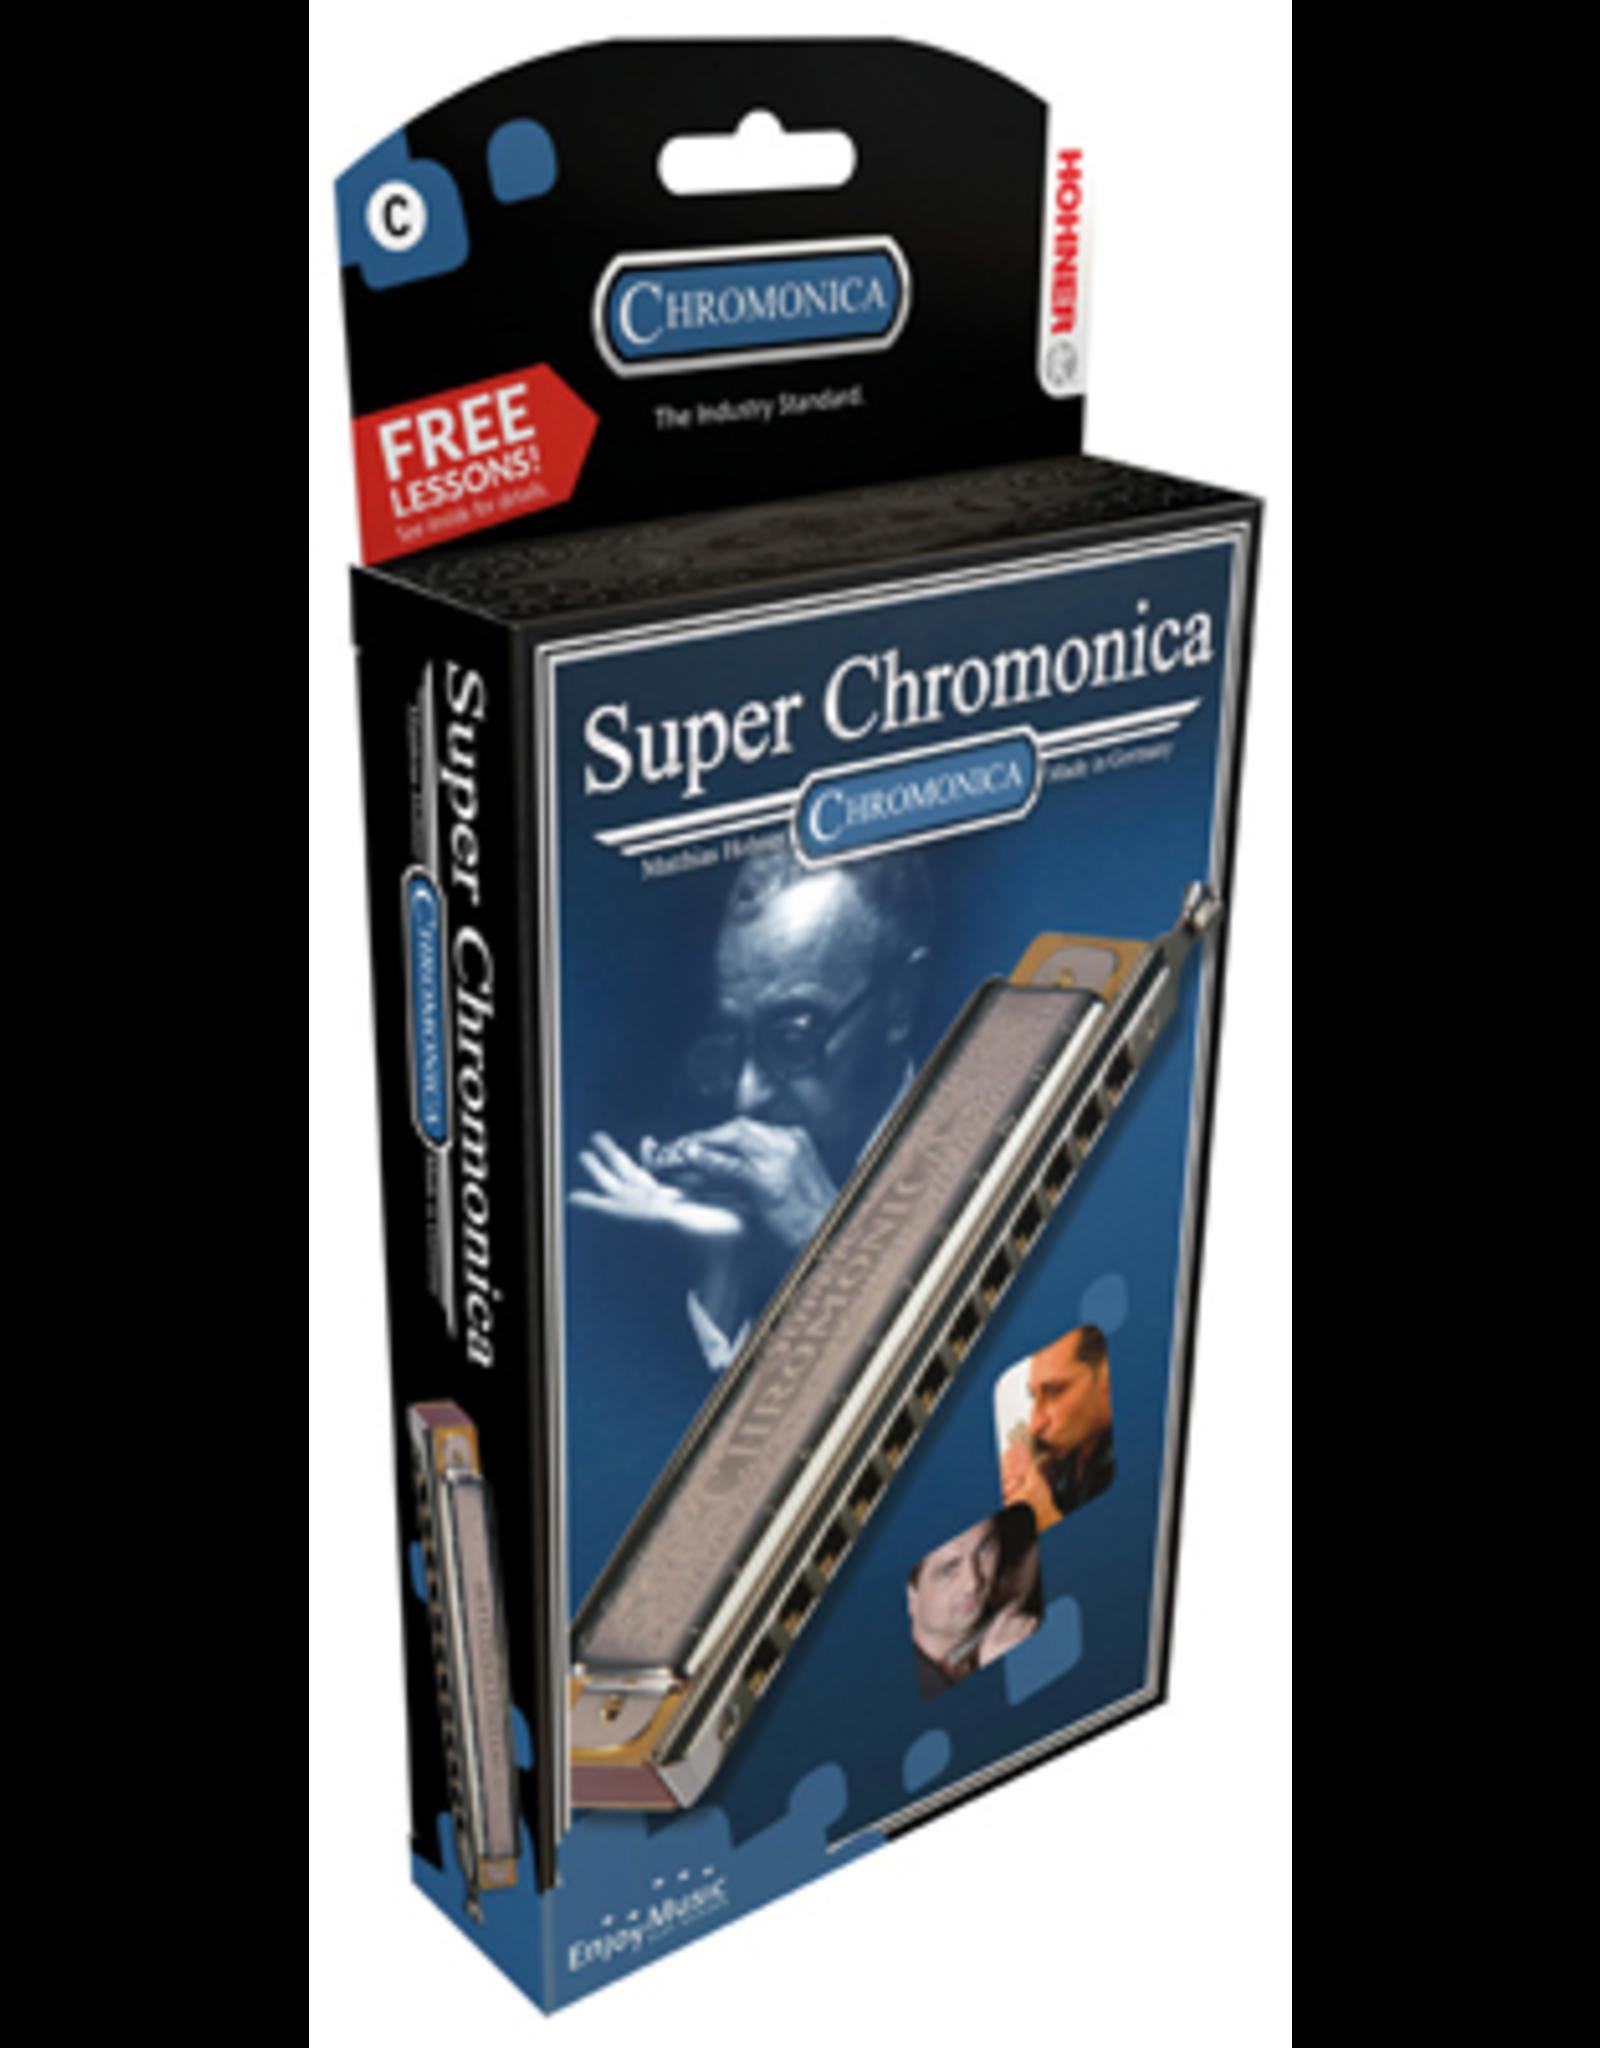 HOHNER Hohner Super Chromonica 48 C